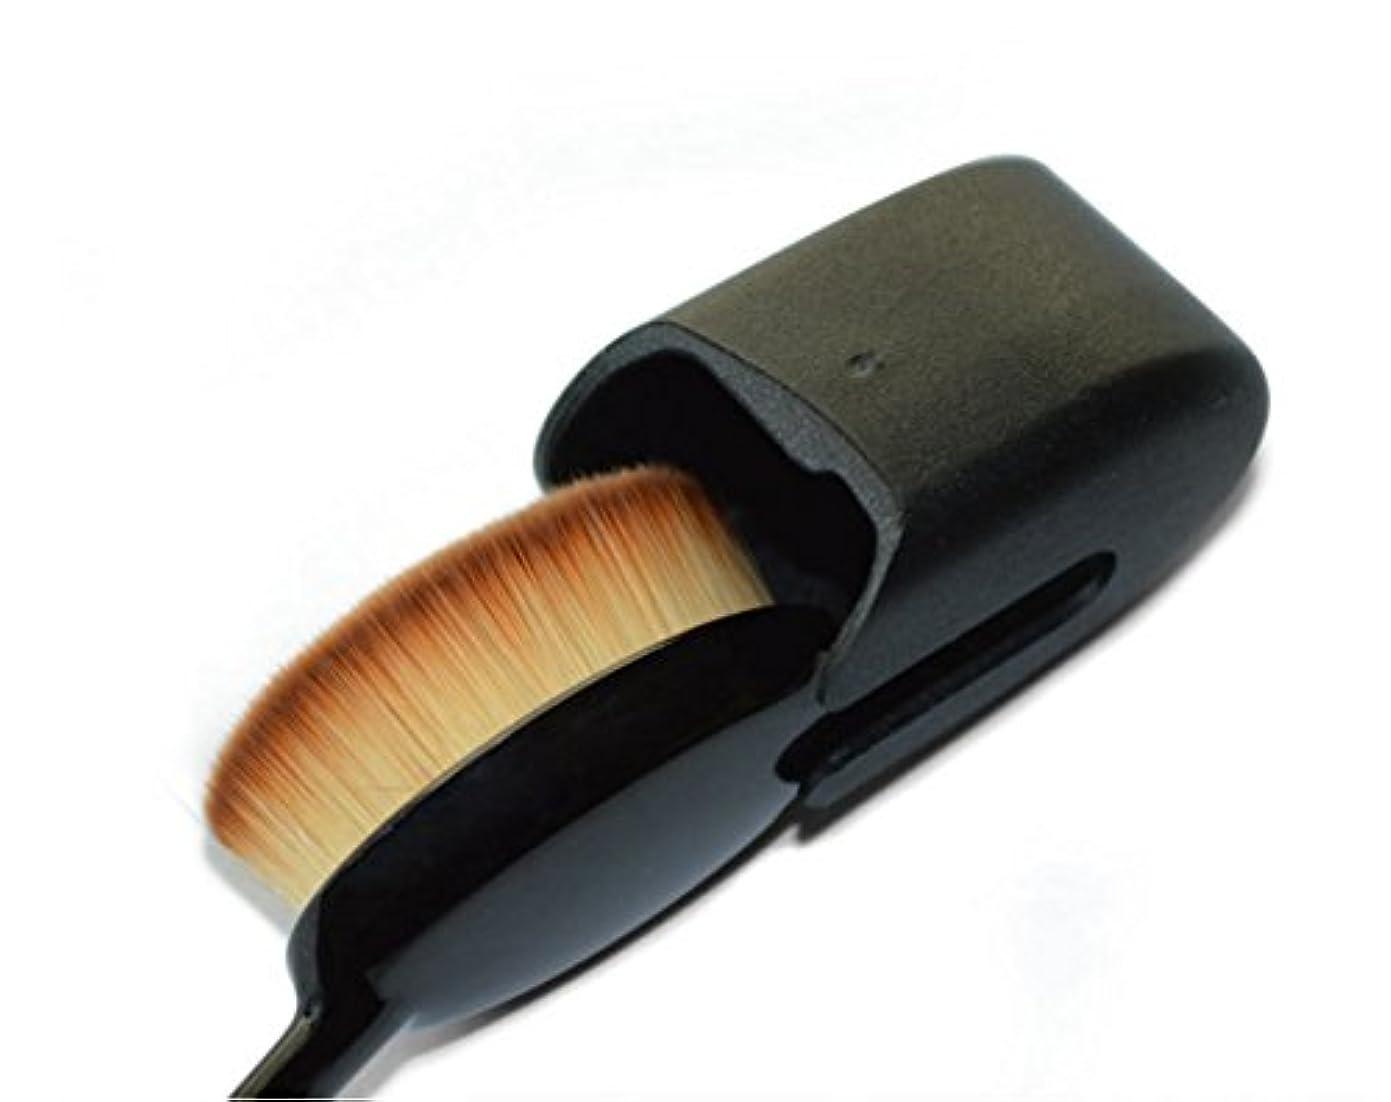 でびん好意【毛穴が消える!】歯ブラシ型 ファンデーションブラシ 専用キャップ